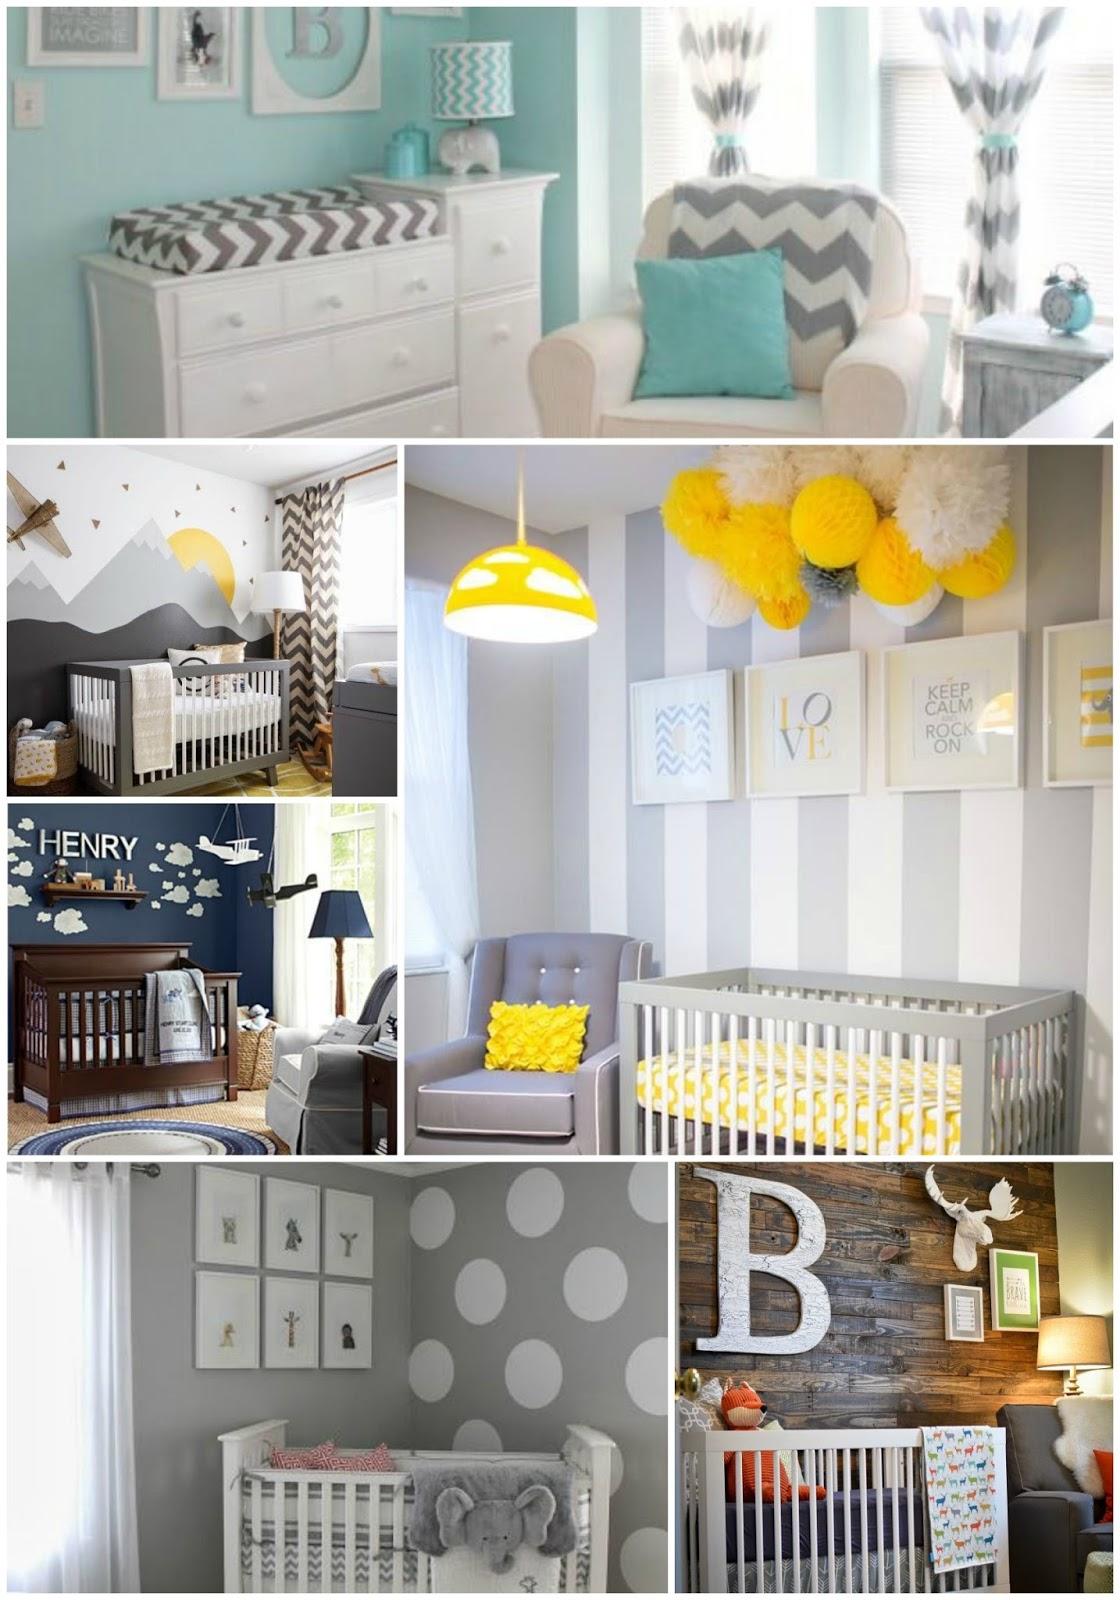 Mamma non si nasce idee per la cameretta di un neonato - Idee cameretta neonato ...